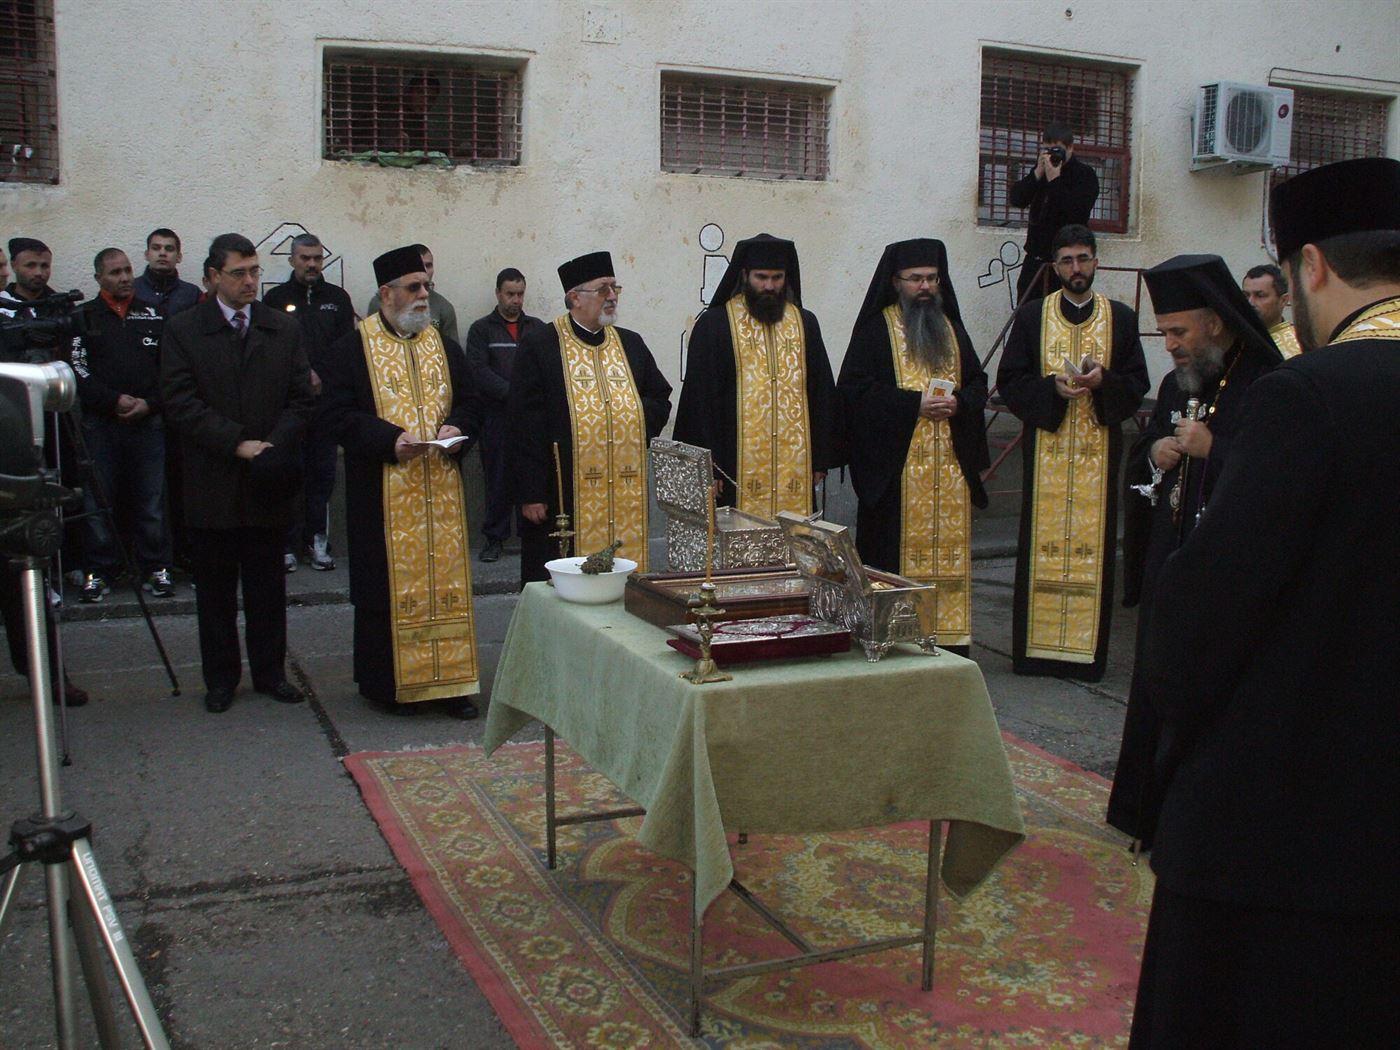 Moastele Sfantului Ierarh Nicolae aduse o ora spre inchinare la Penitenciarul Braila